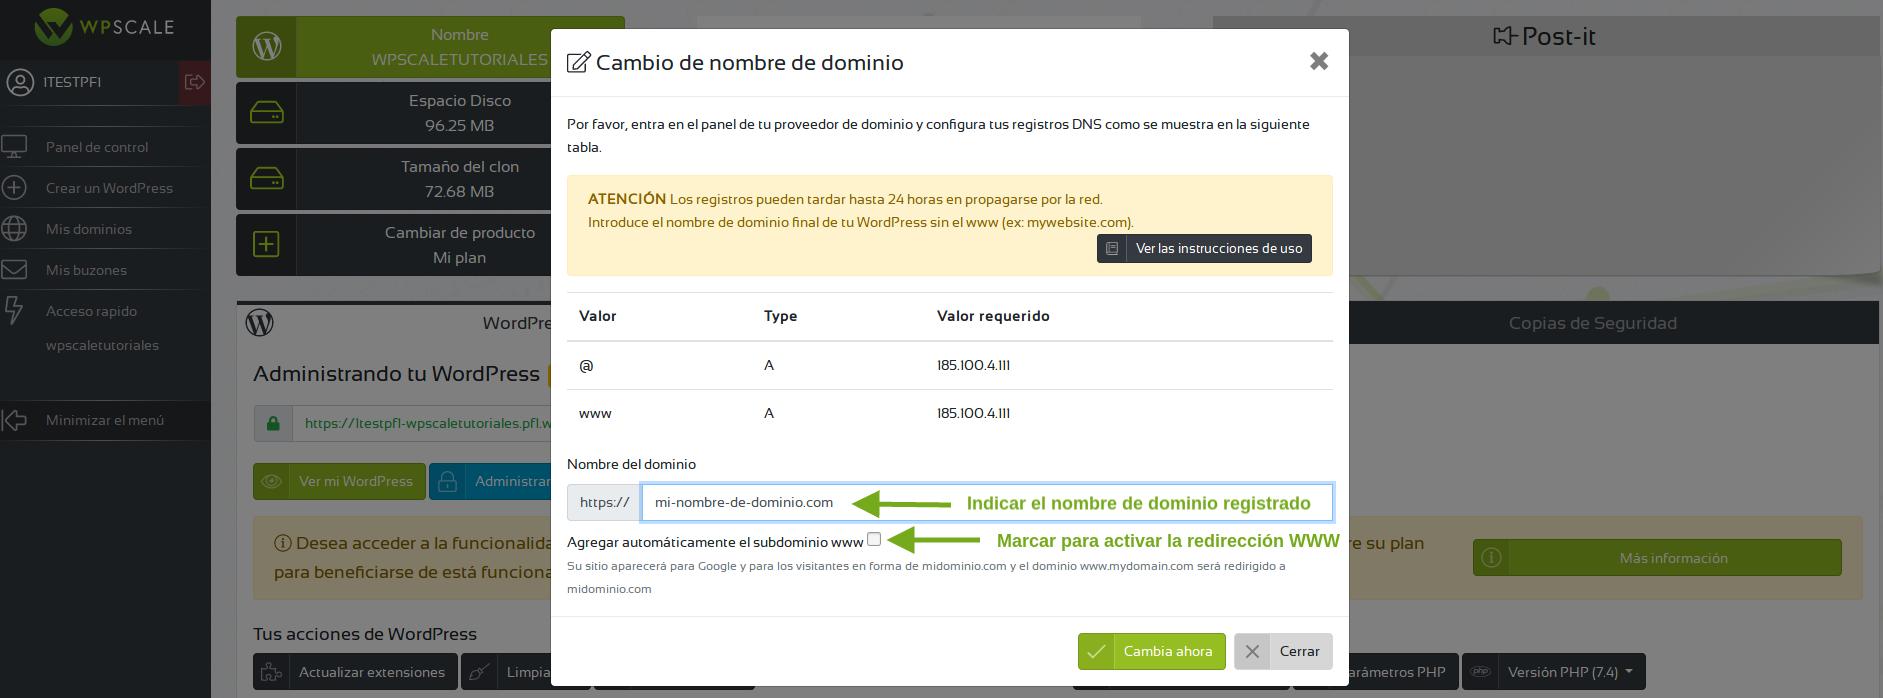 Verificacin registros dns cambio de dominio wpscale.es